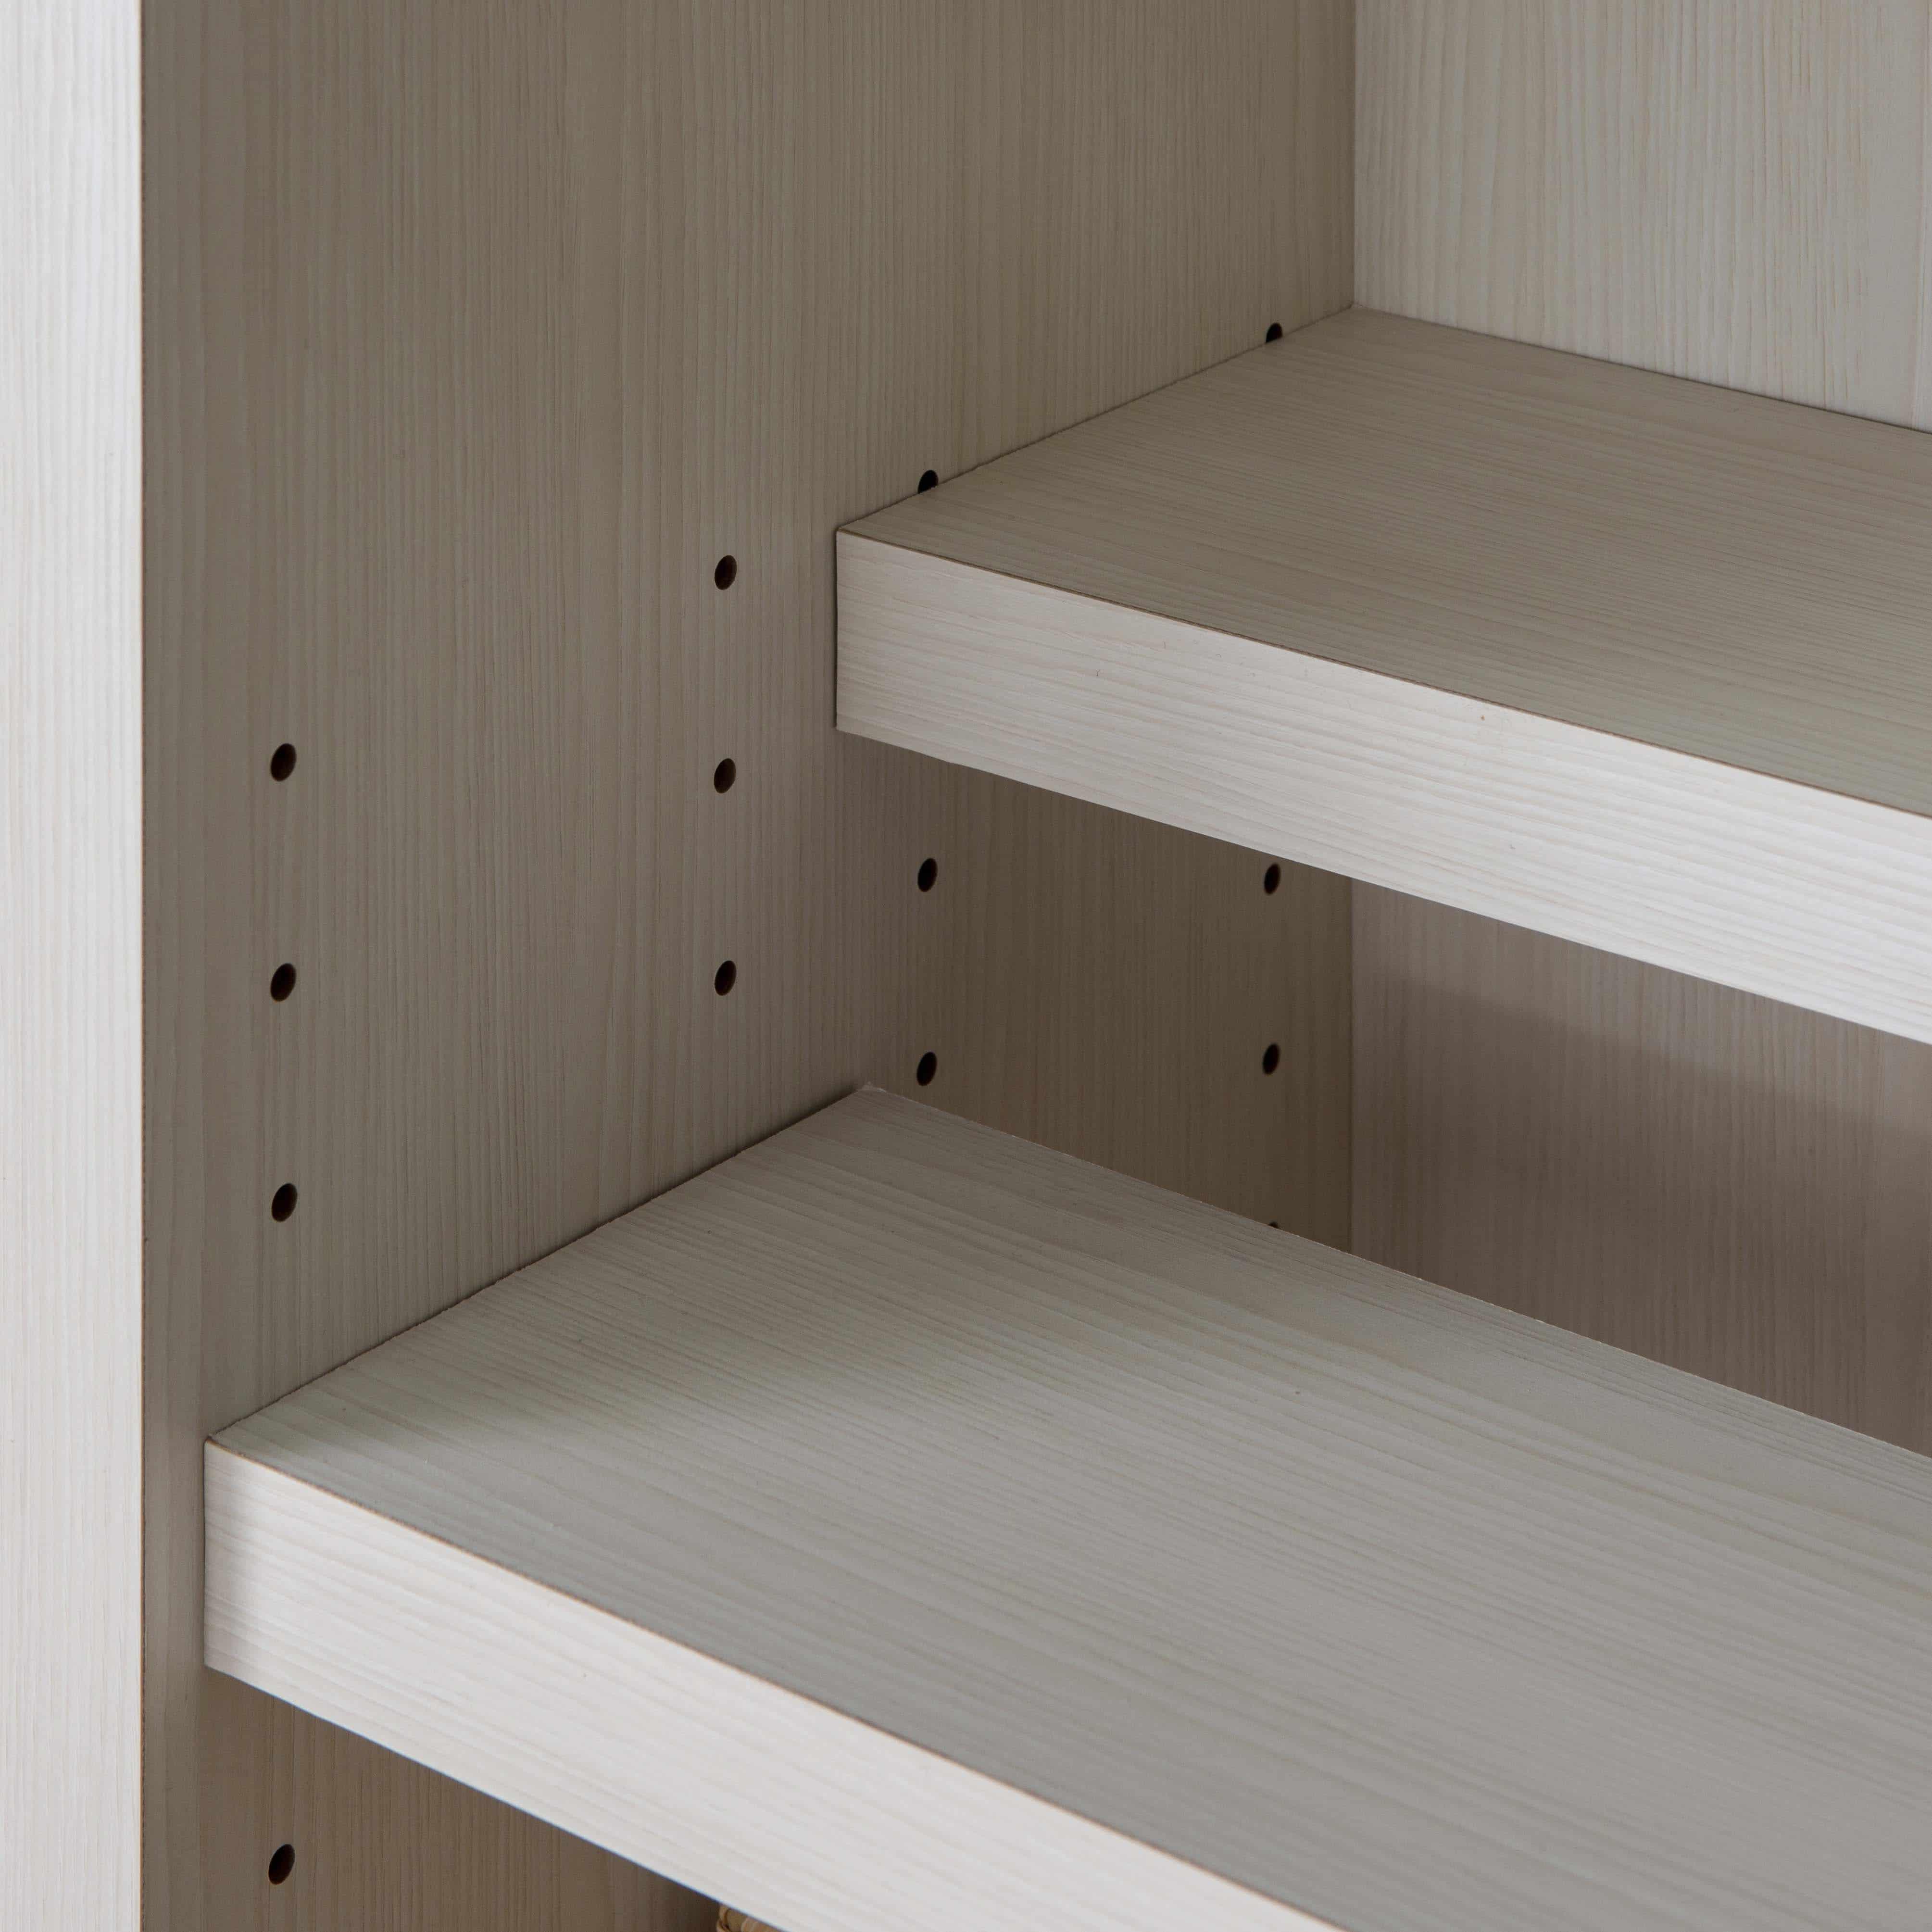 書棚 スカーラ 90Lフリーボード (ホワイト):細かな調整で無駄なく収納